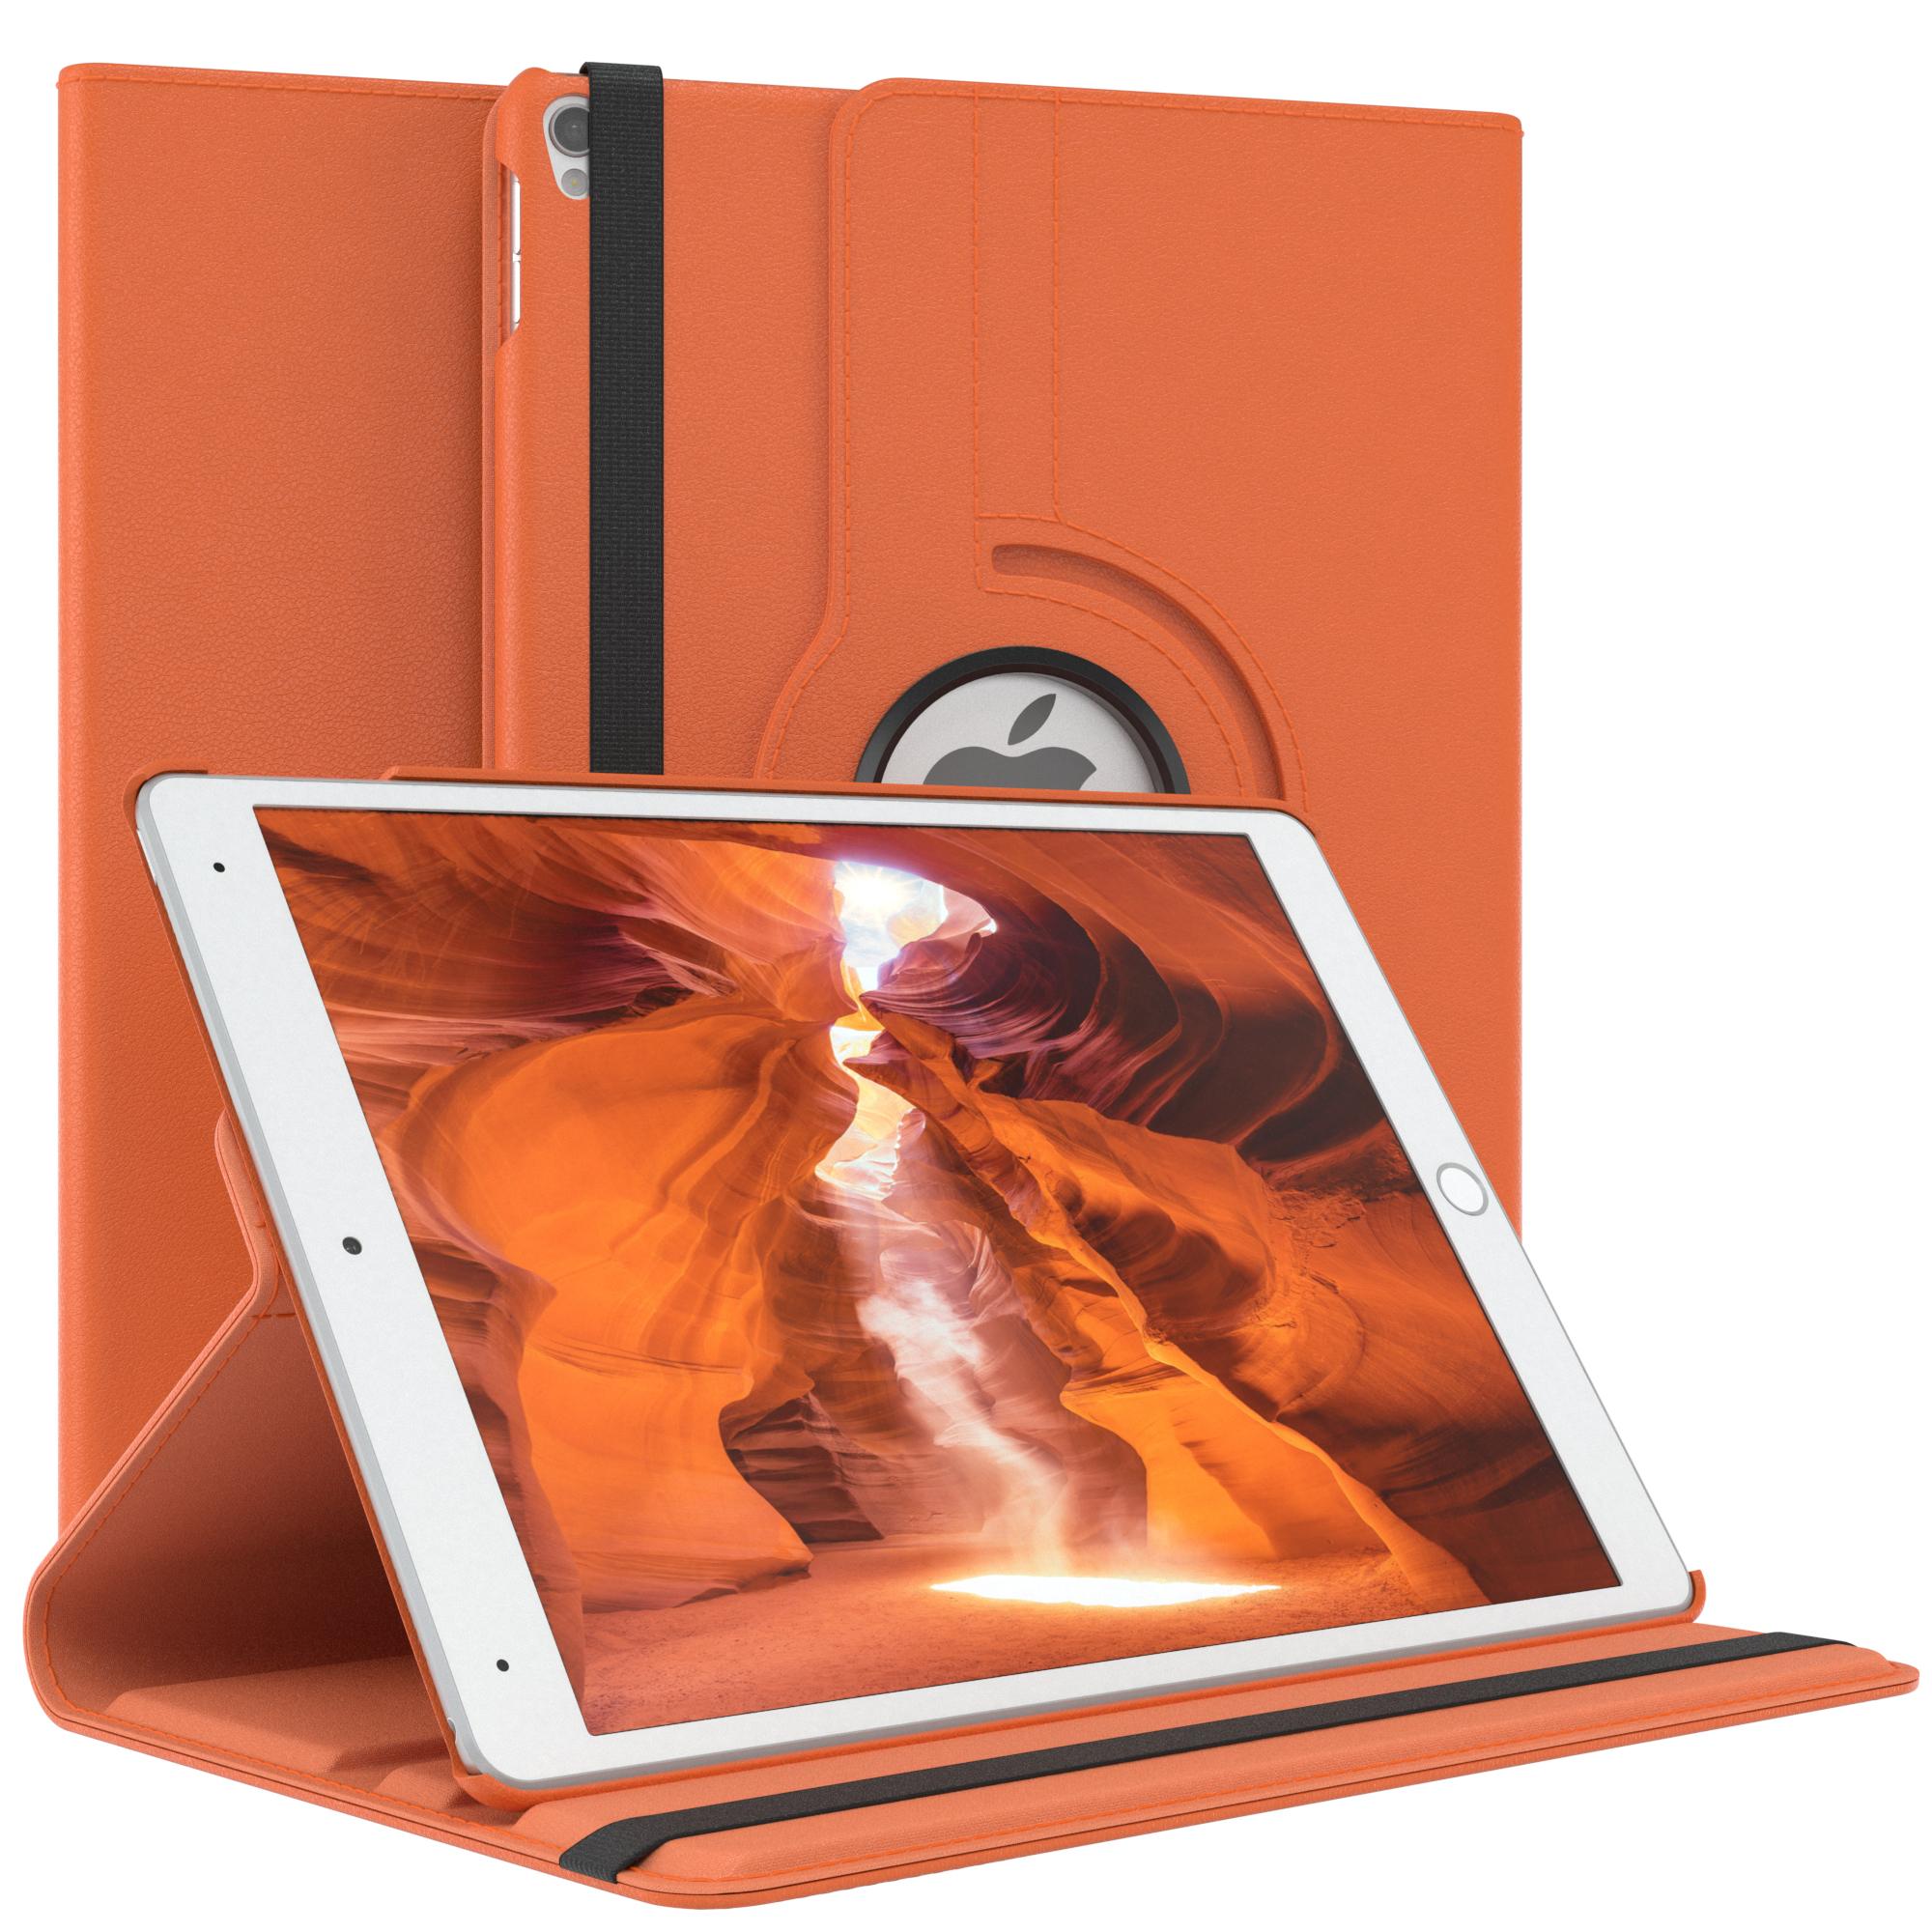 Rotazione-case-Apple-iPad-Air-3-2019-GUSCIO-Custodia-Protettiva-Borsa-Case-360-gradi miniatura 13